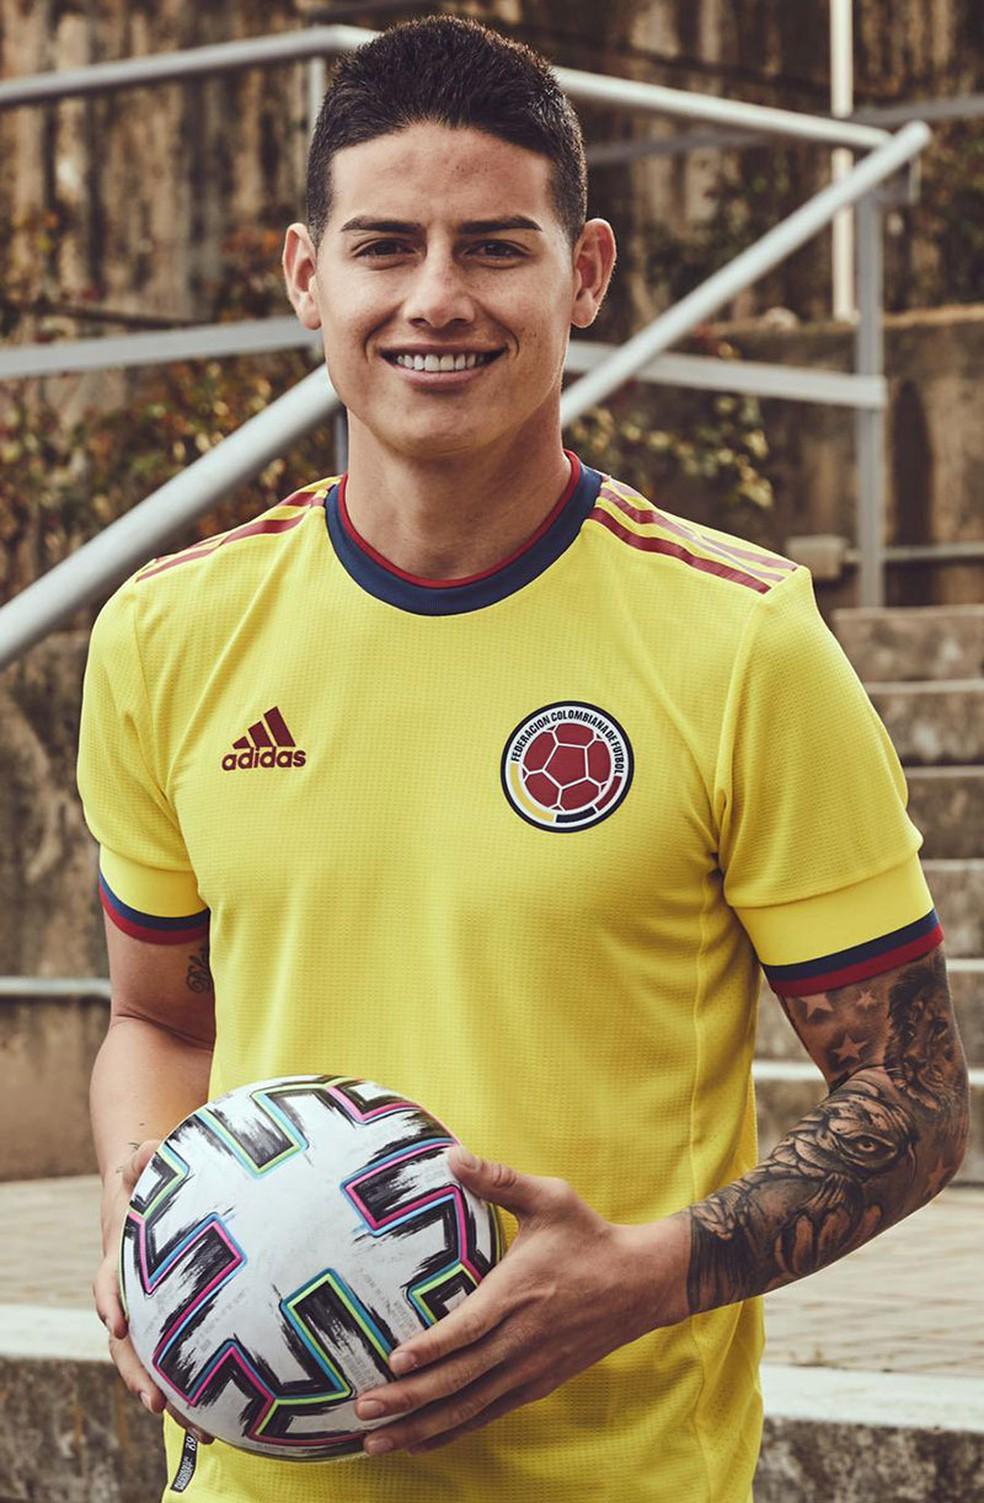 James Rodríguez e a nova camisa principal da Colômbia — Foto: Divulgação/Adidas